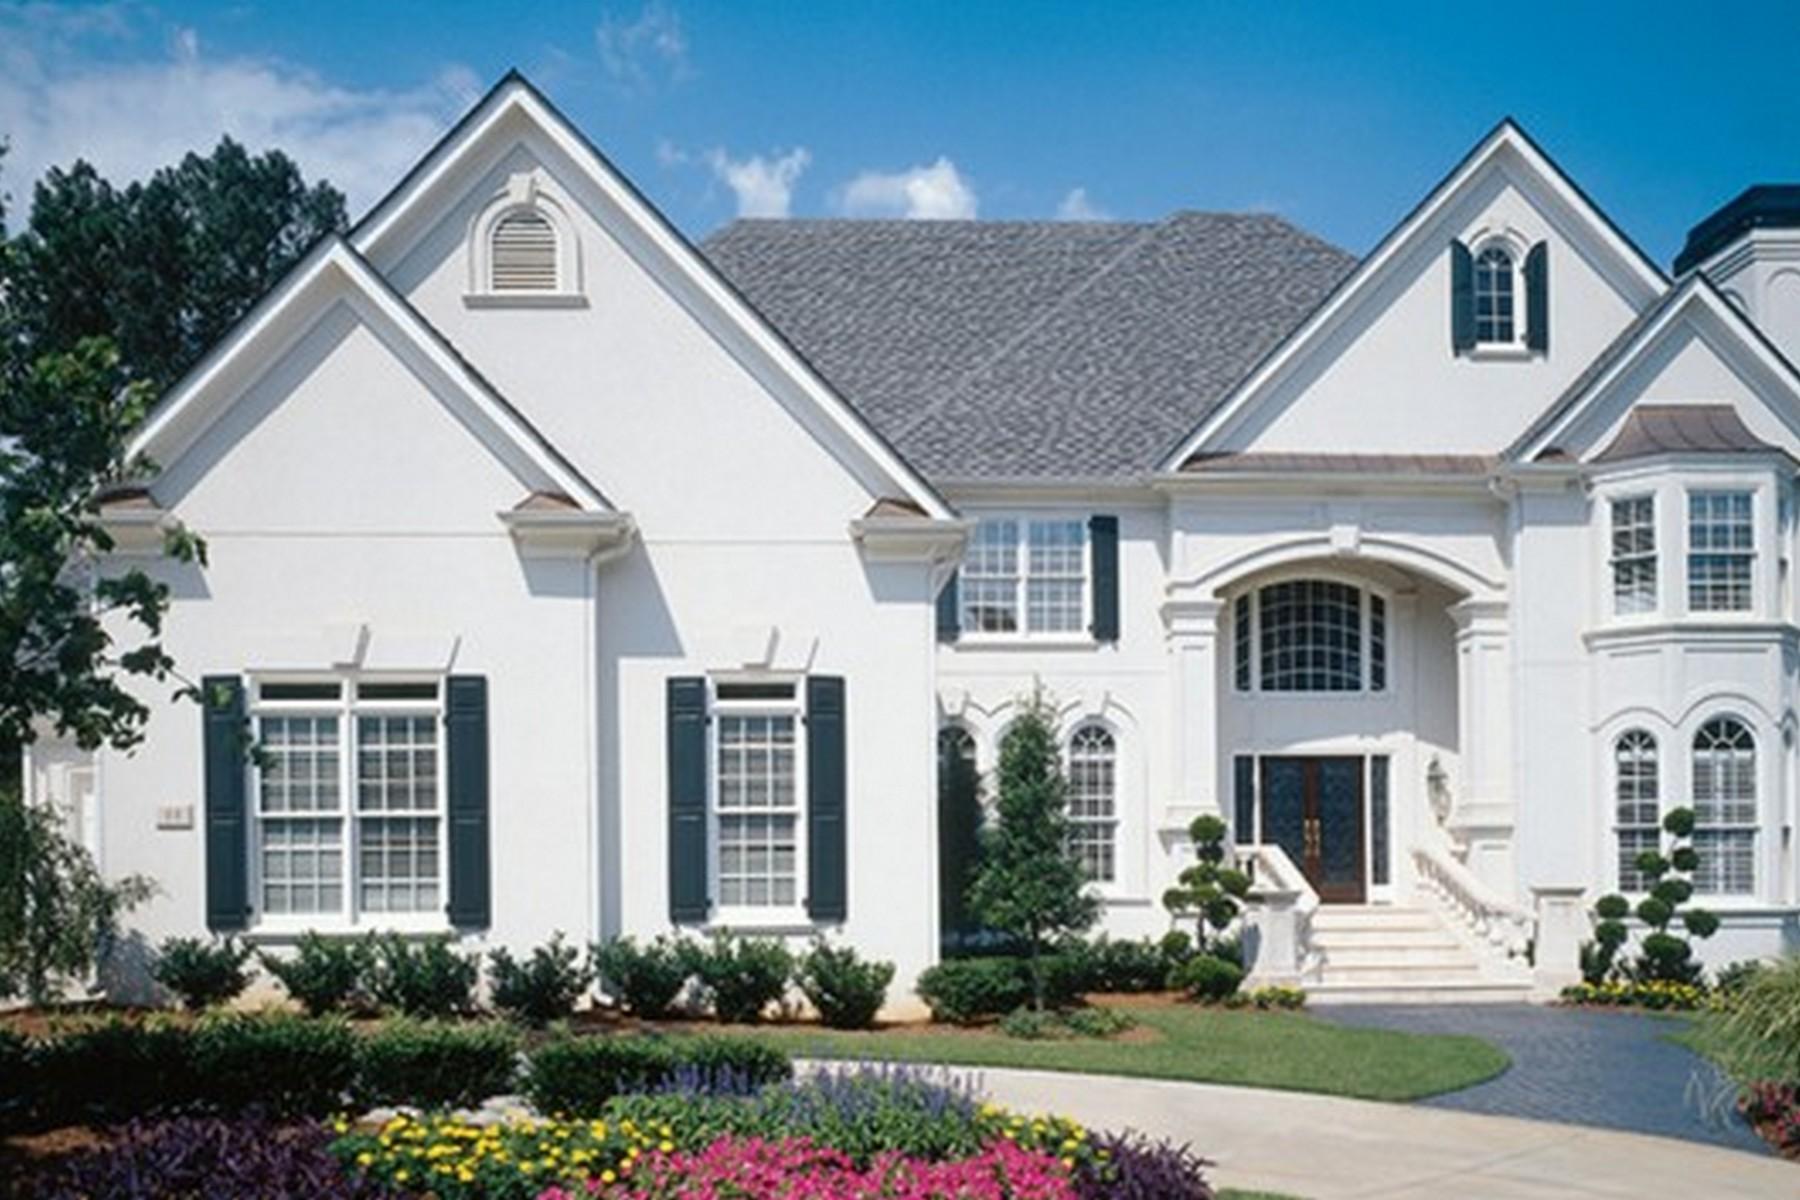 独户住宅 为 销售 在 Brand New Colonial 12 Eli Whitney Street 斯特伯鲁, 马萨诸塞州, 01581 美国